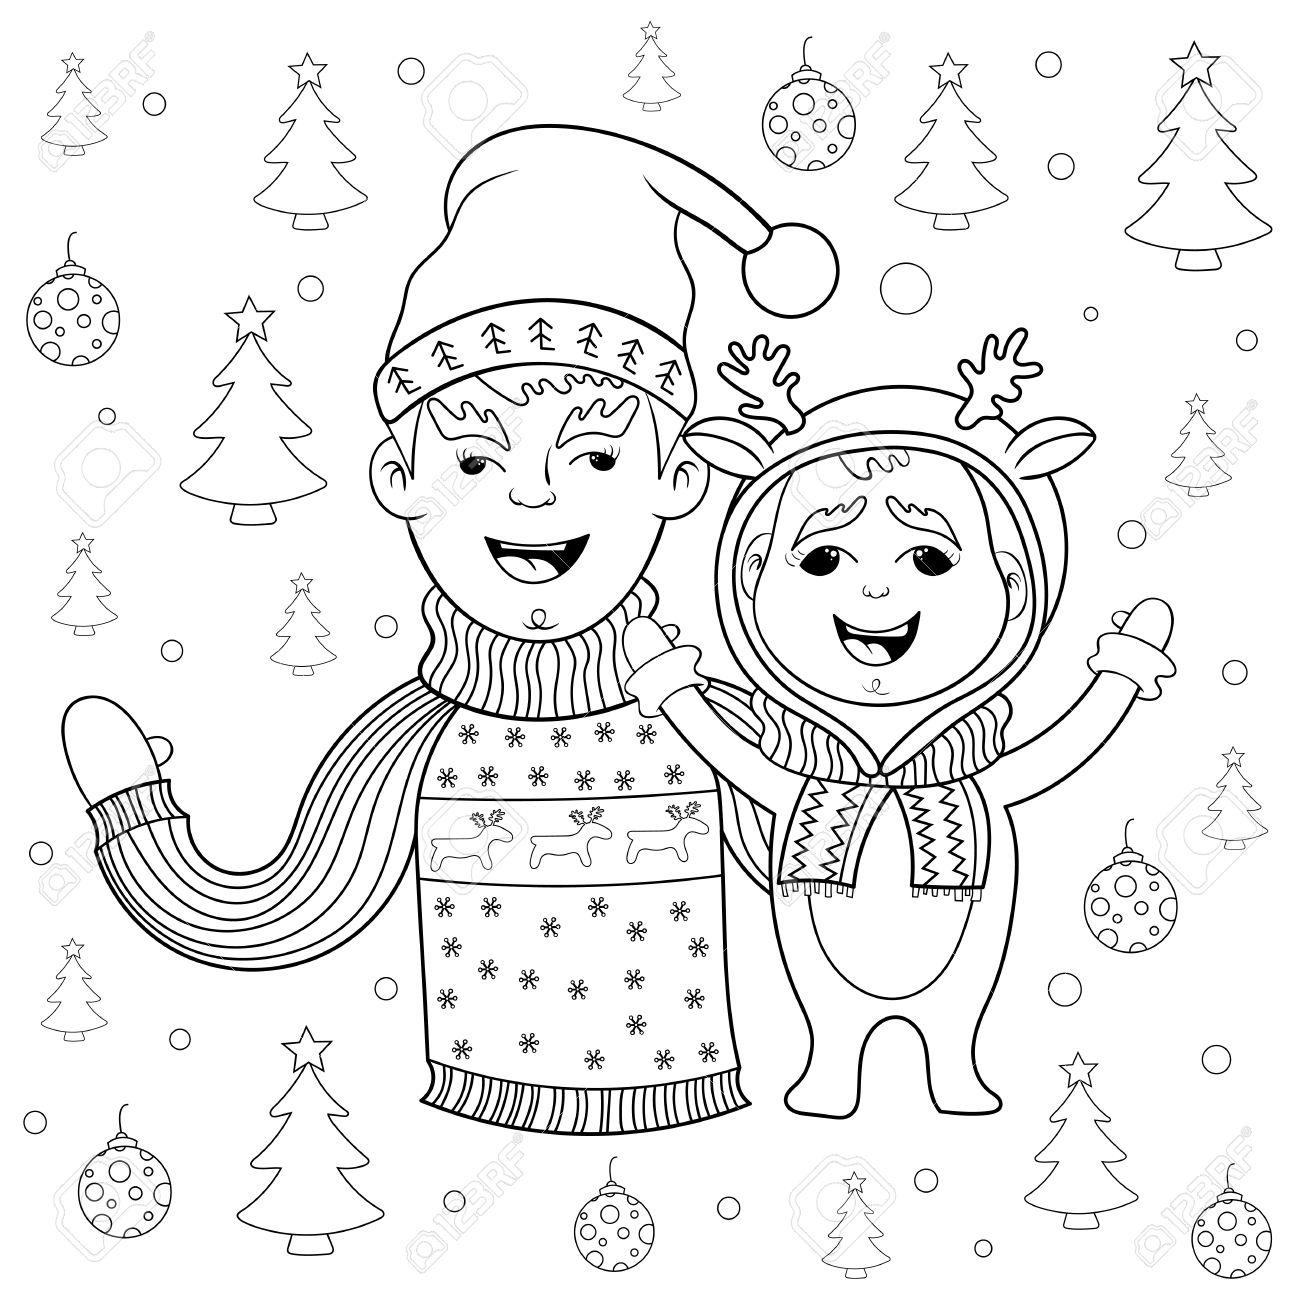 Imagenes De Navidad En Familia Para Colorear. Dibujo Del Arbol De ...